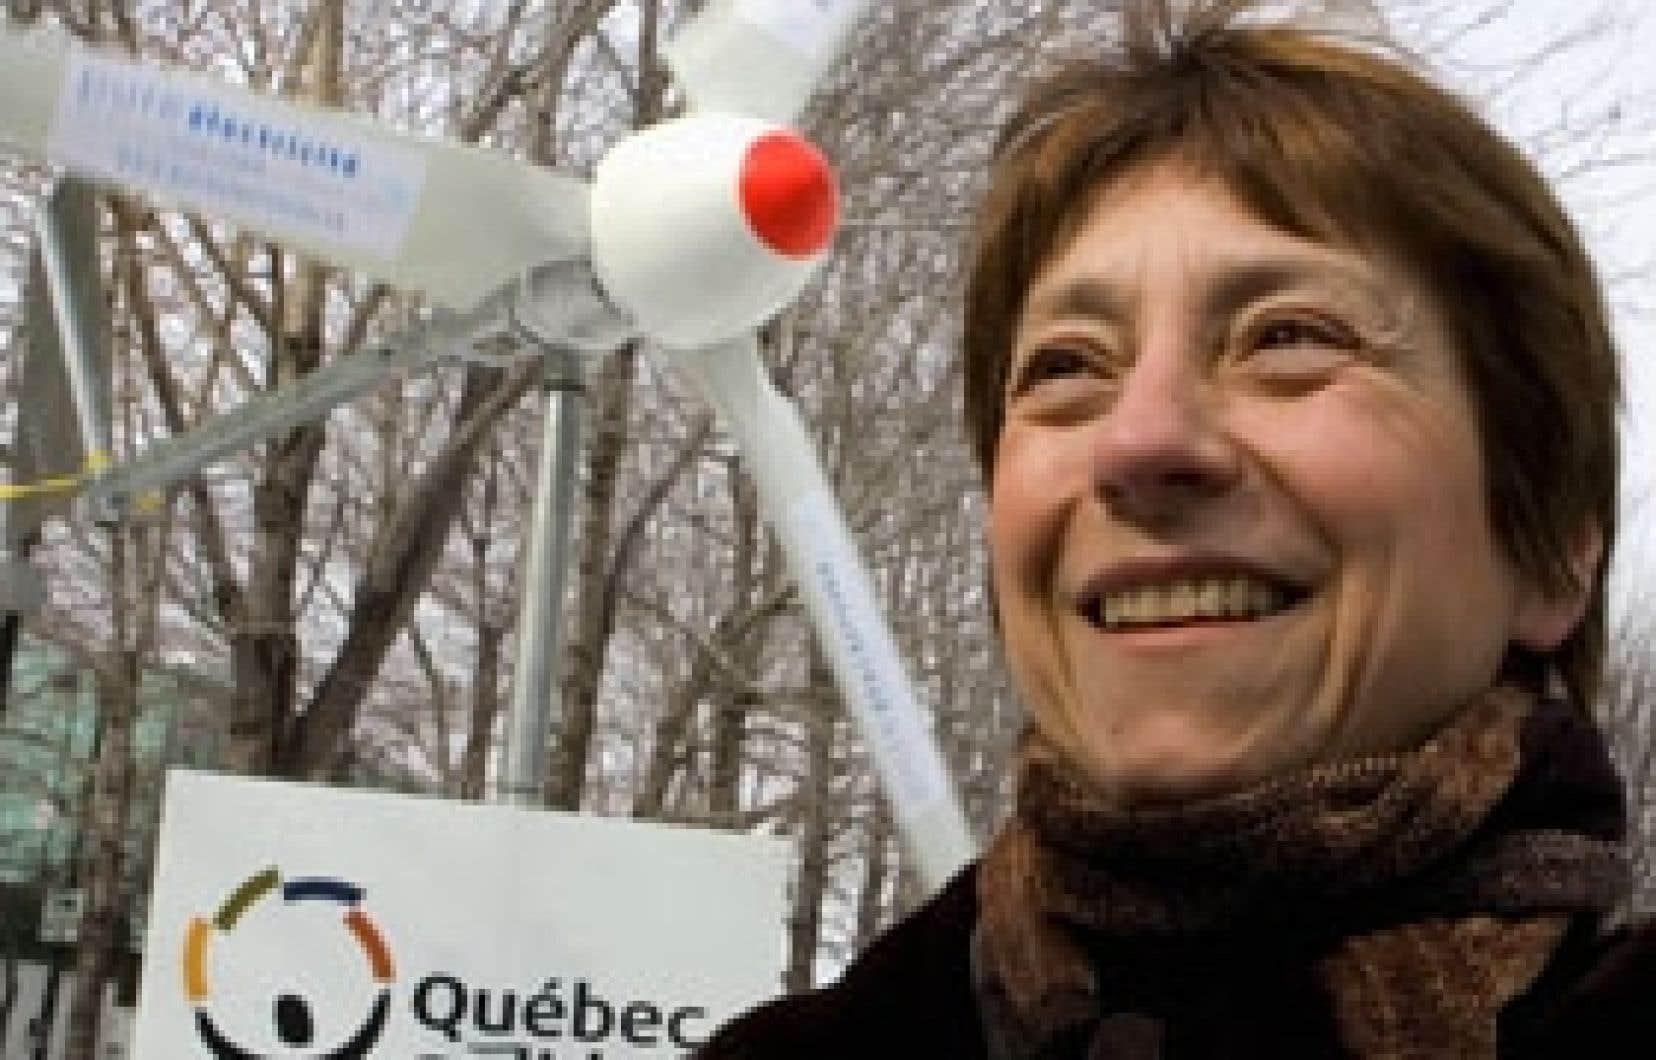 Après avoir commencé sa campagne en parlant de nationalisation de l'éolien, Québec solidaire a marqué hier ses derniers pas dans la course électorale en réitérant sa volonté de développer cette forme d'énergie sous propriété publique s